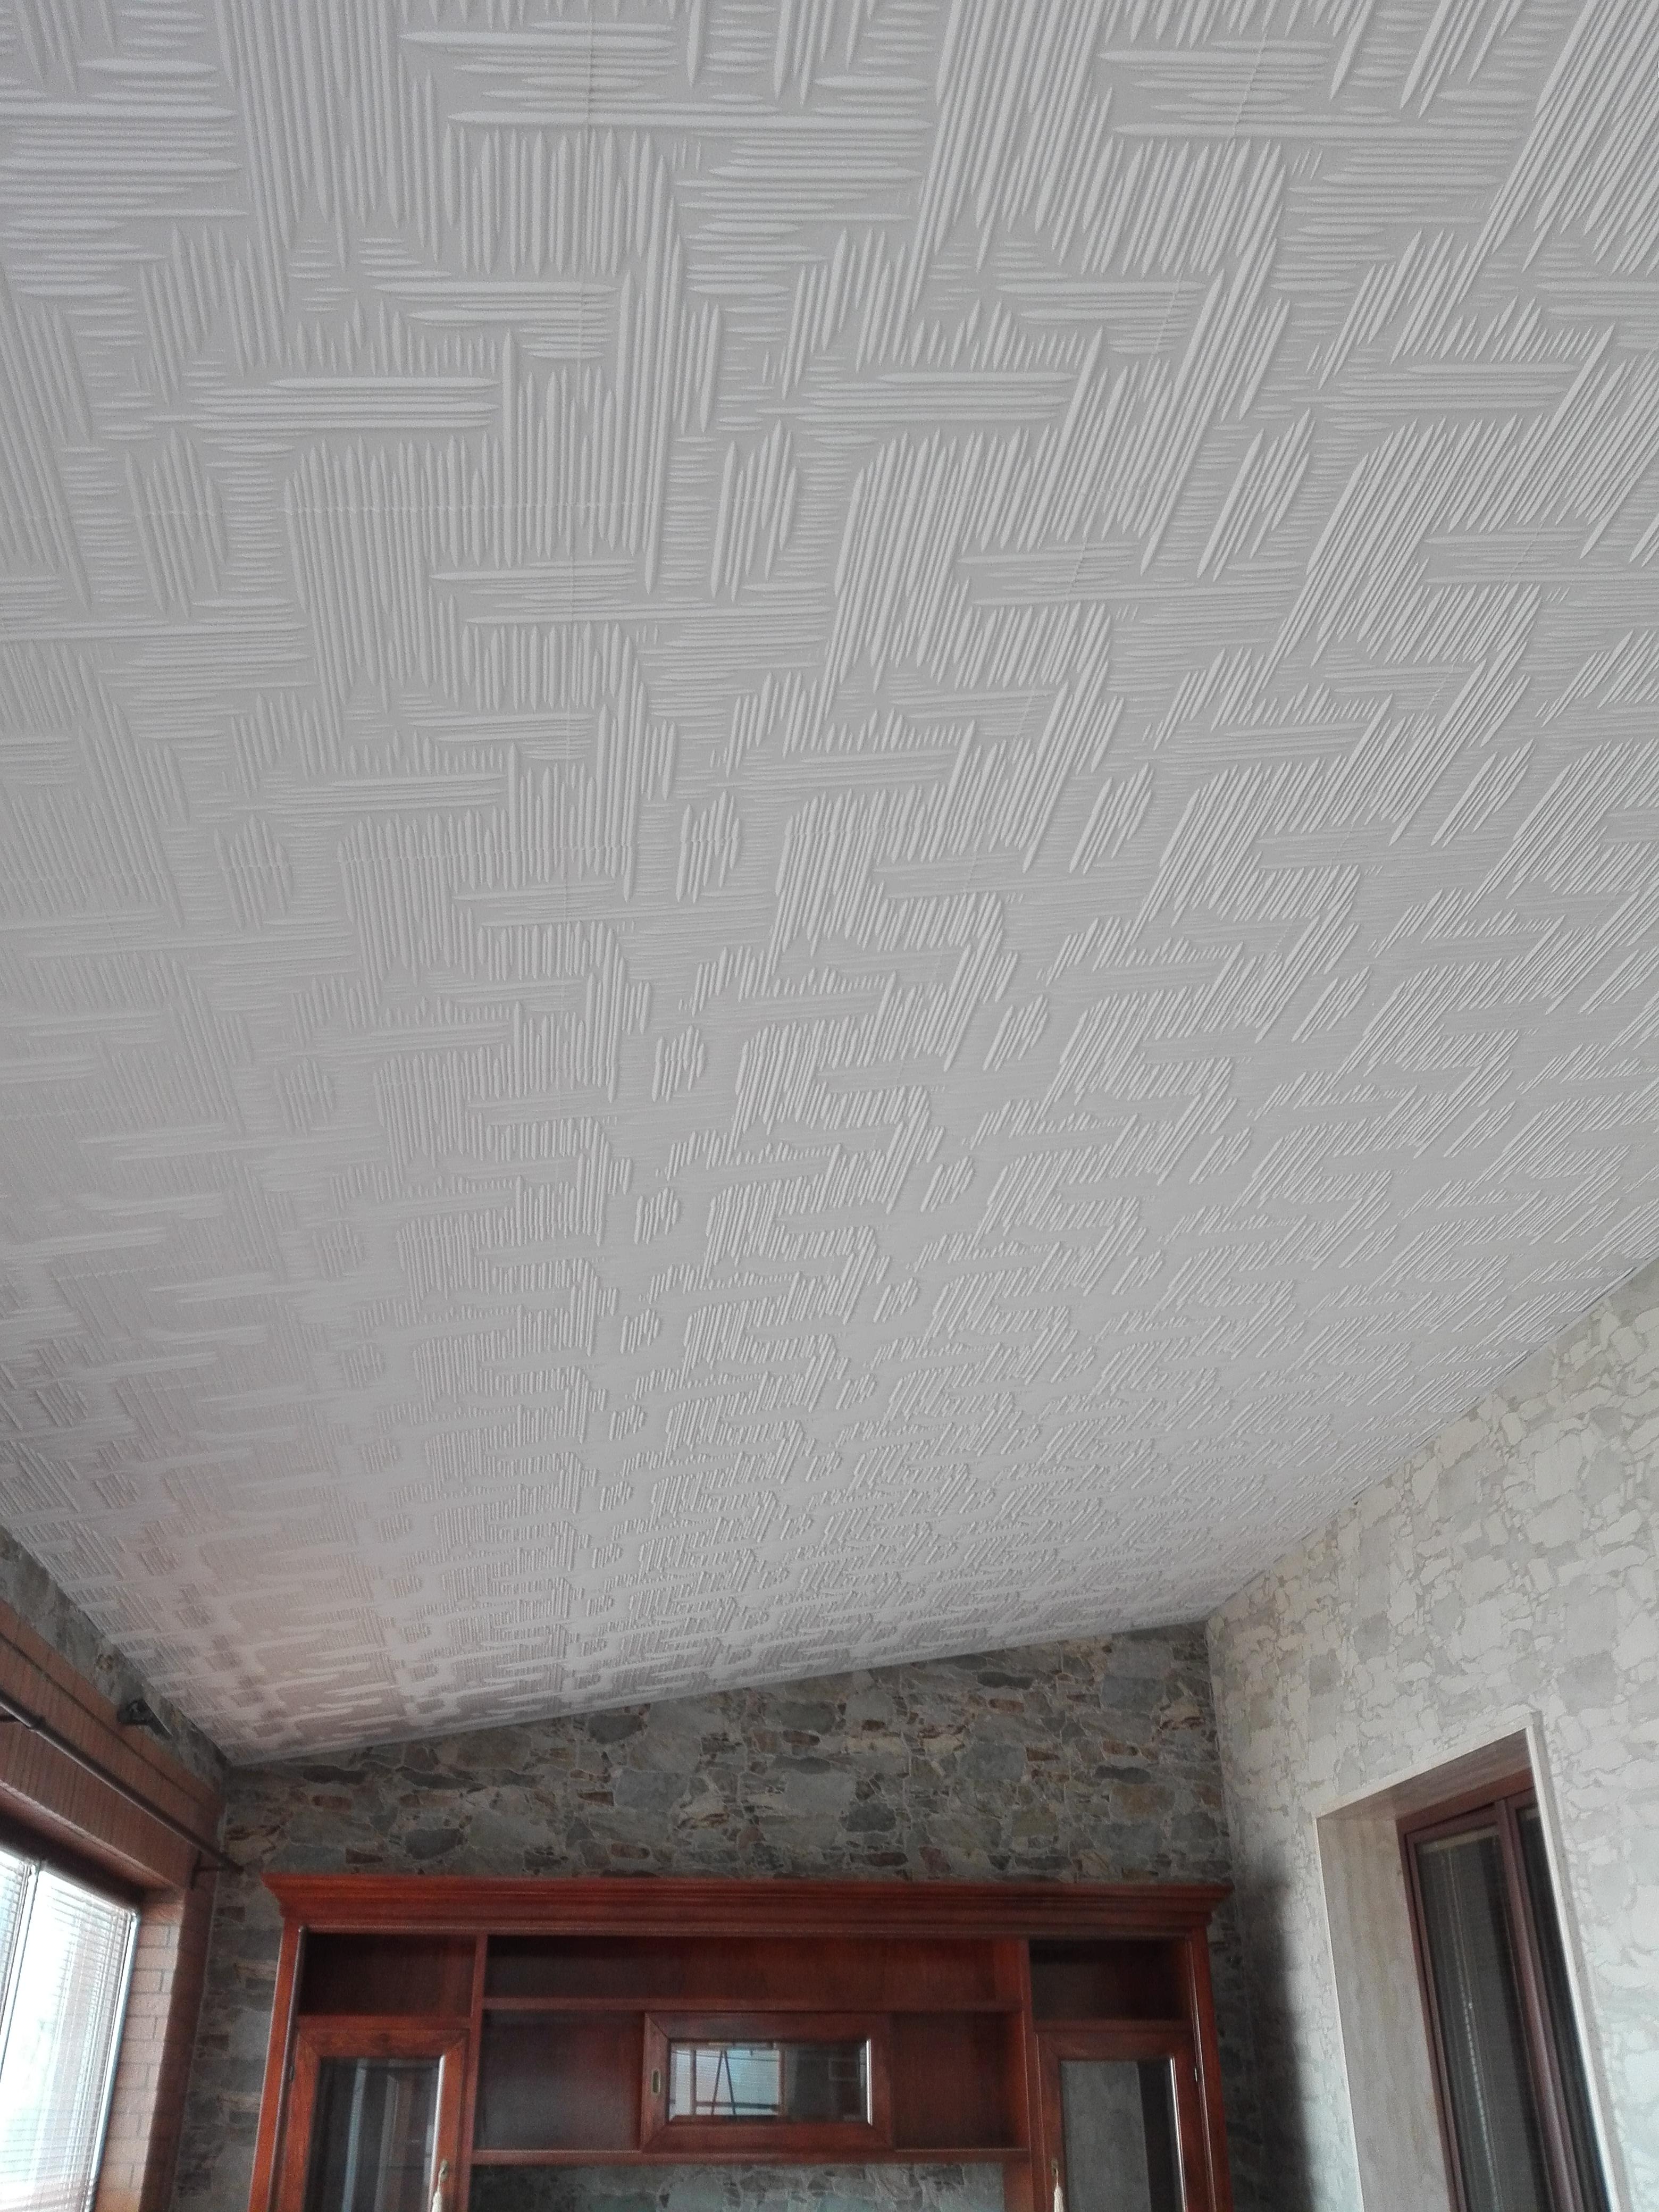 pannello in polistirolo per pareti interne e soffitti